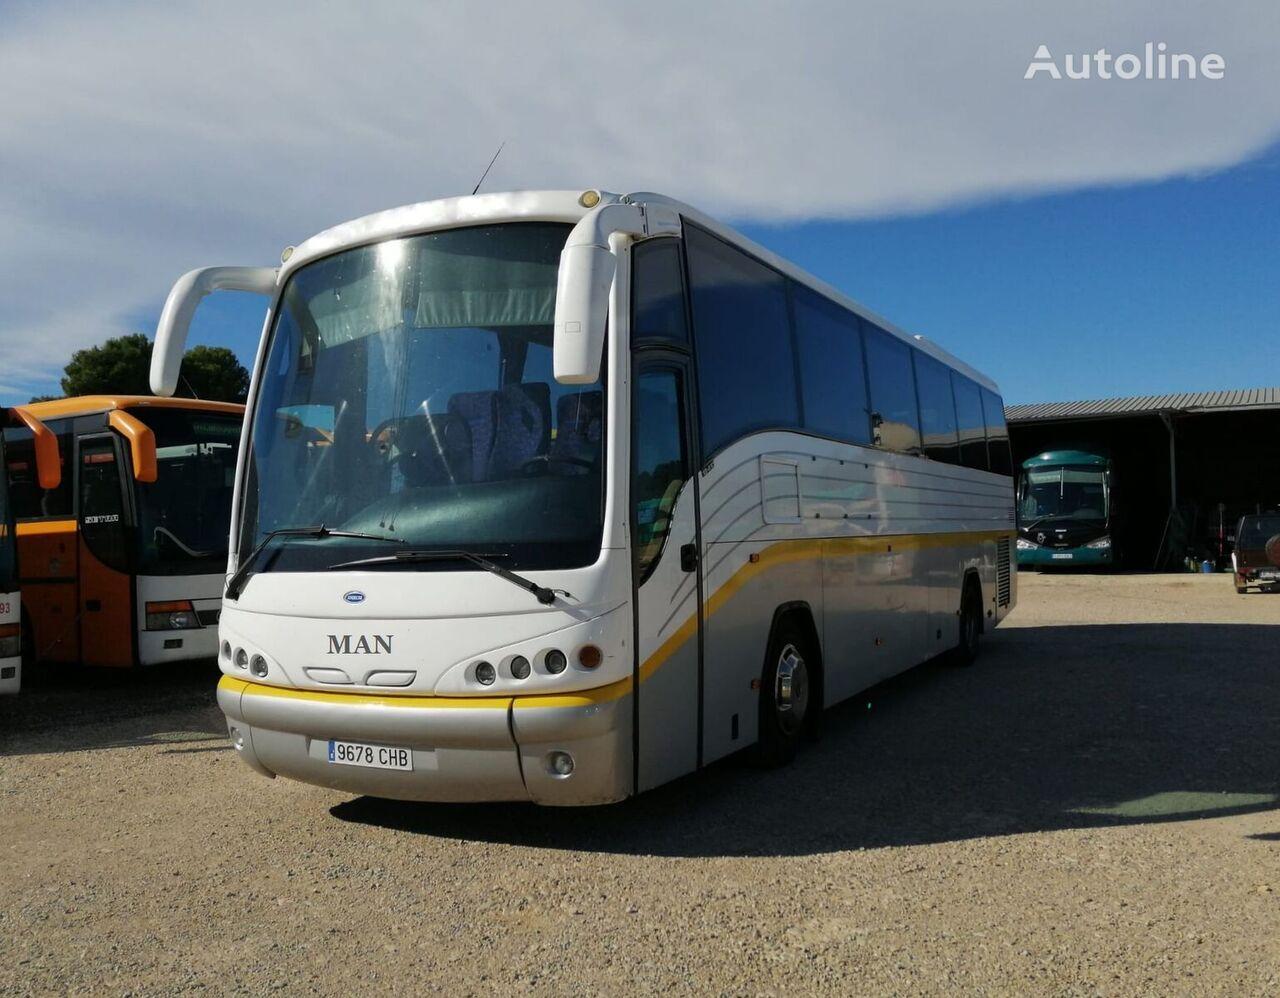 MAN 18.410 HOCL ANDECAR  + 410CV + 57 PAX + WC coach bus